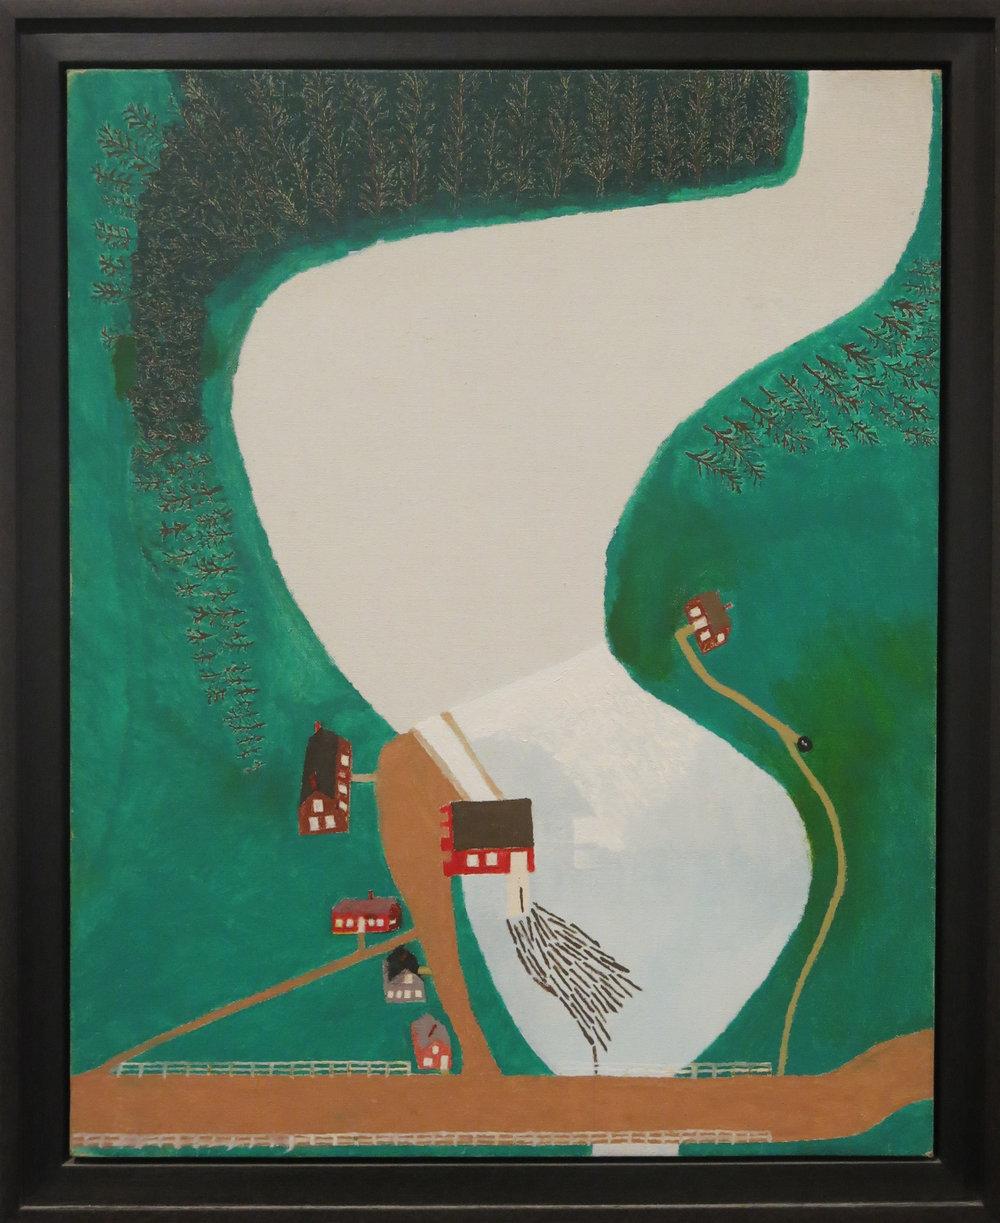 George E. Morgan, Moulton Mill, 1963, Oil on canvas board, 20h x 16w in.